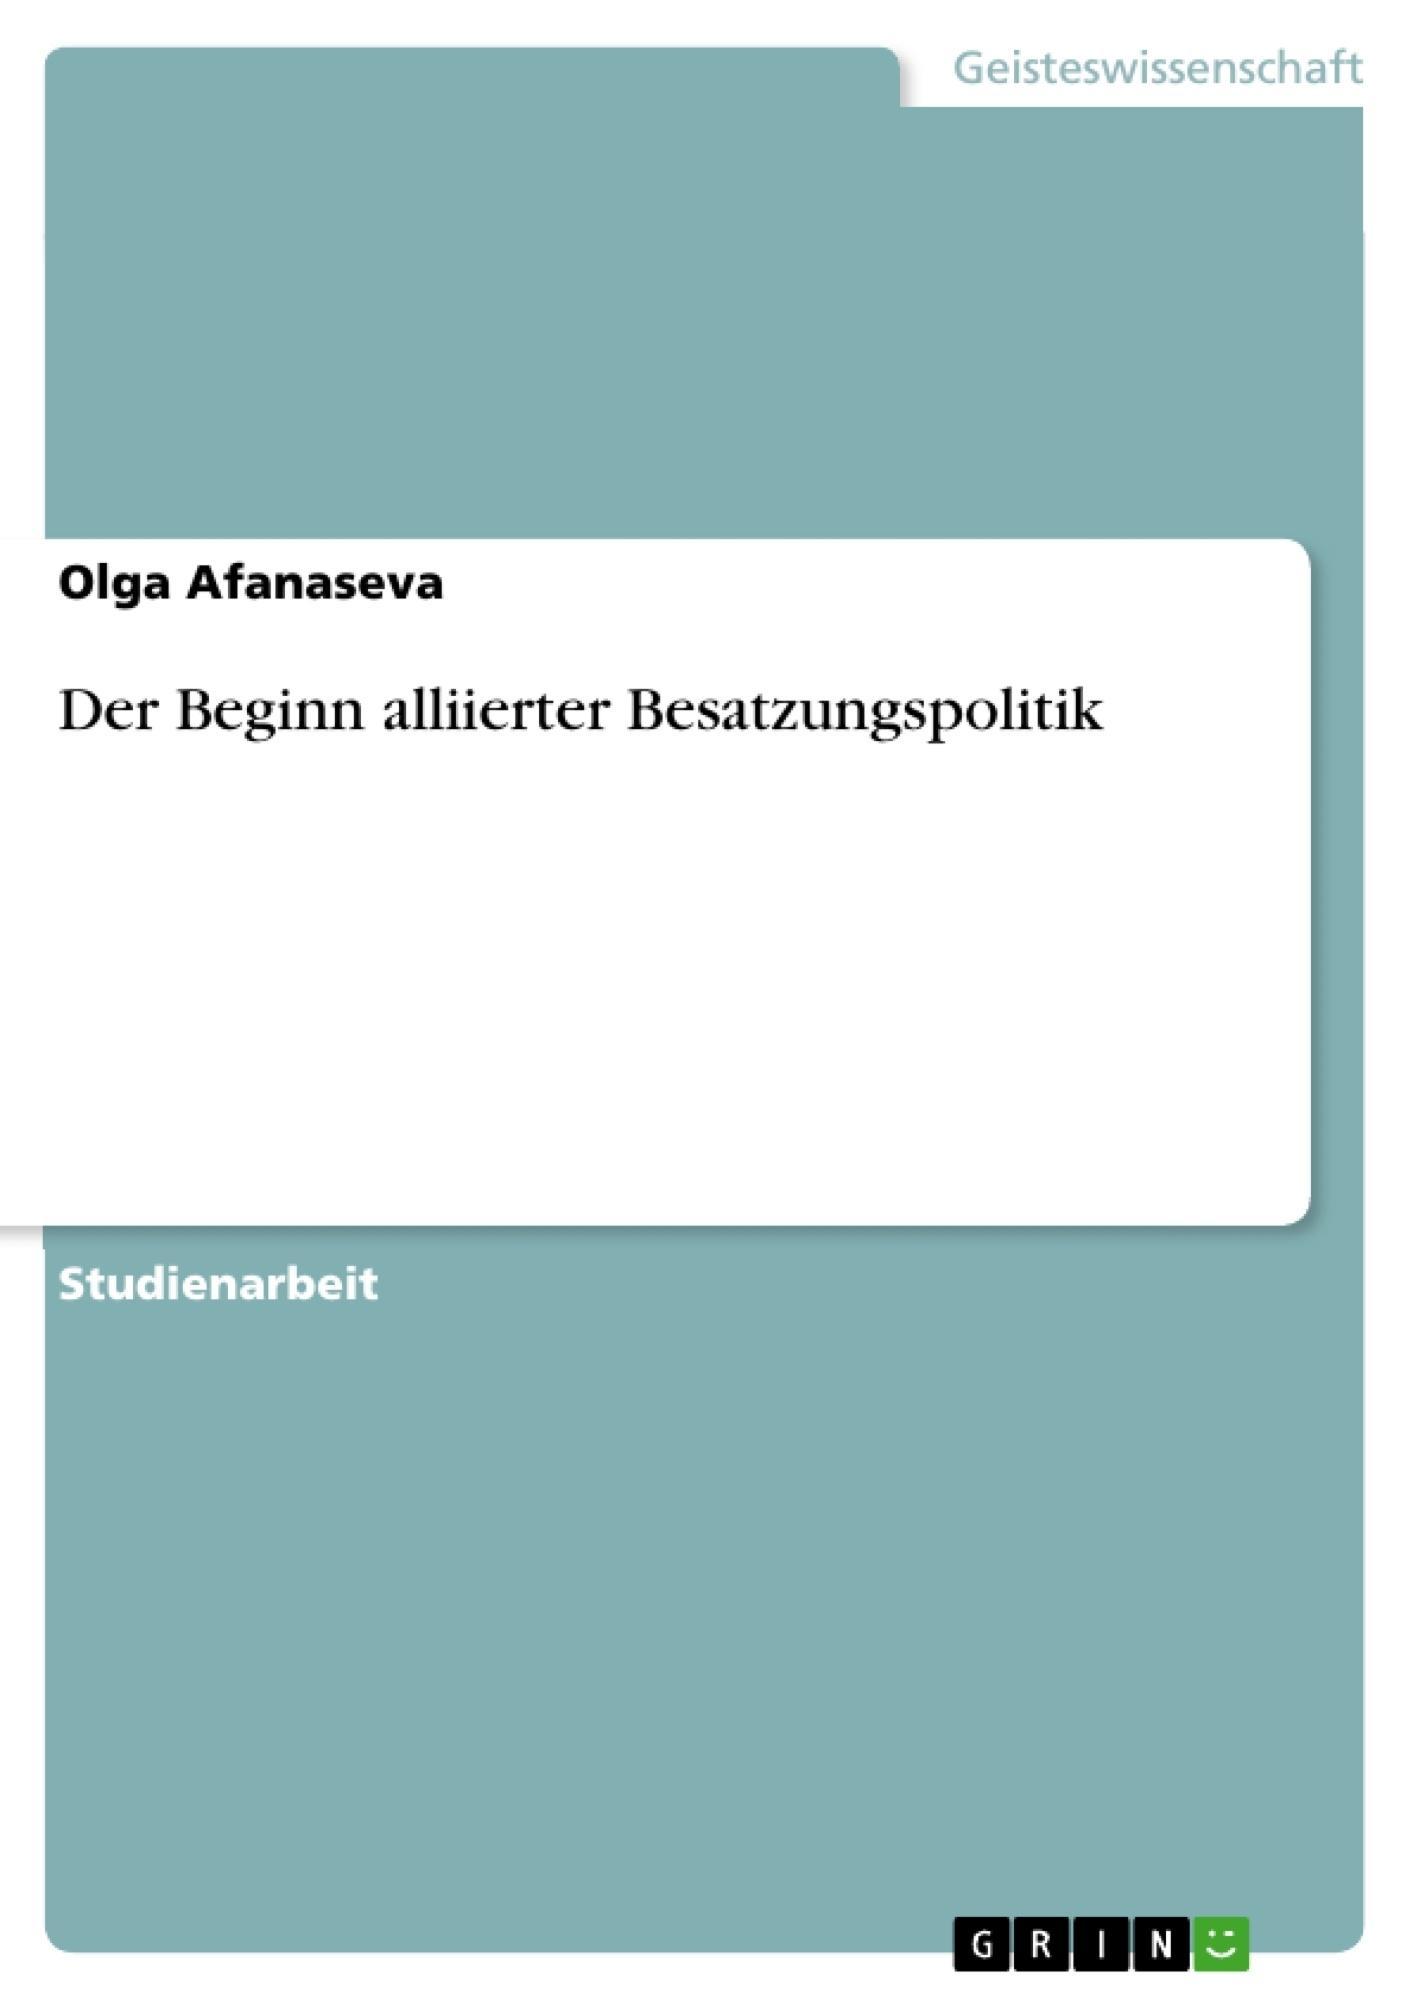 Titel: Der Beginn alliierter Besatzungspolitik